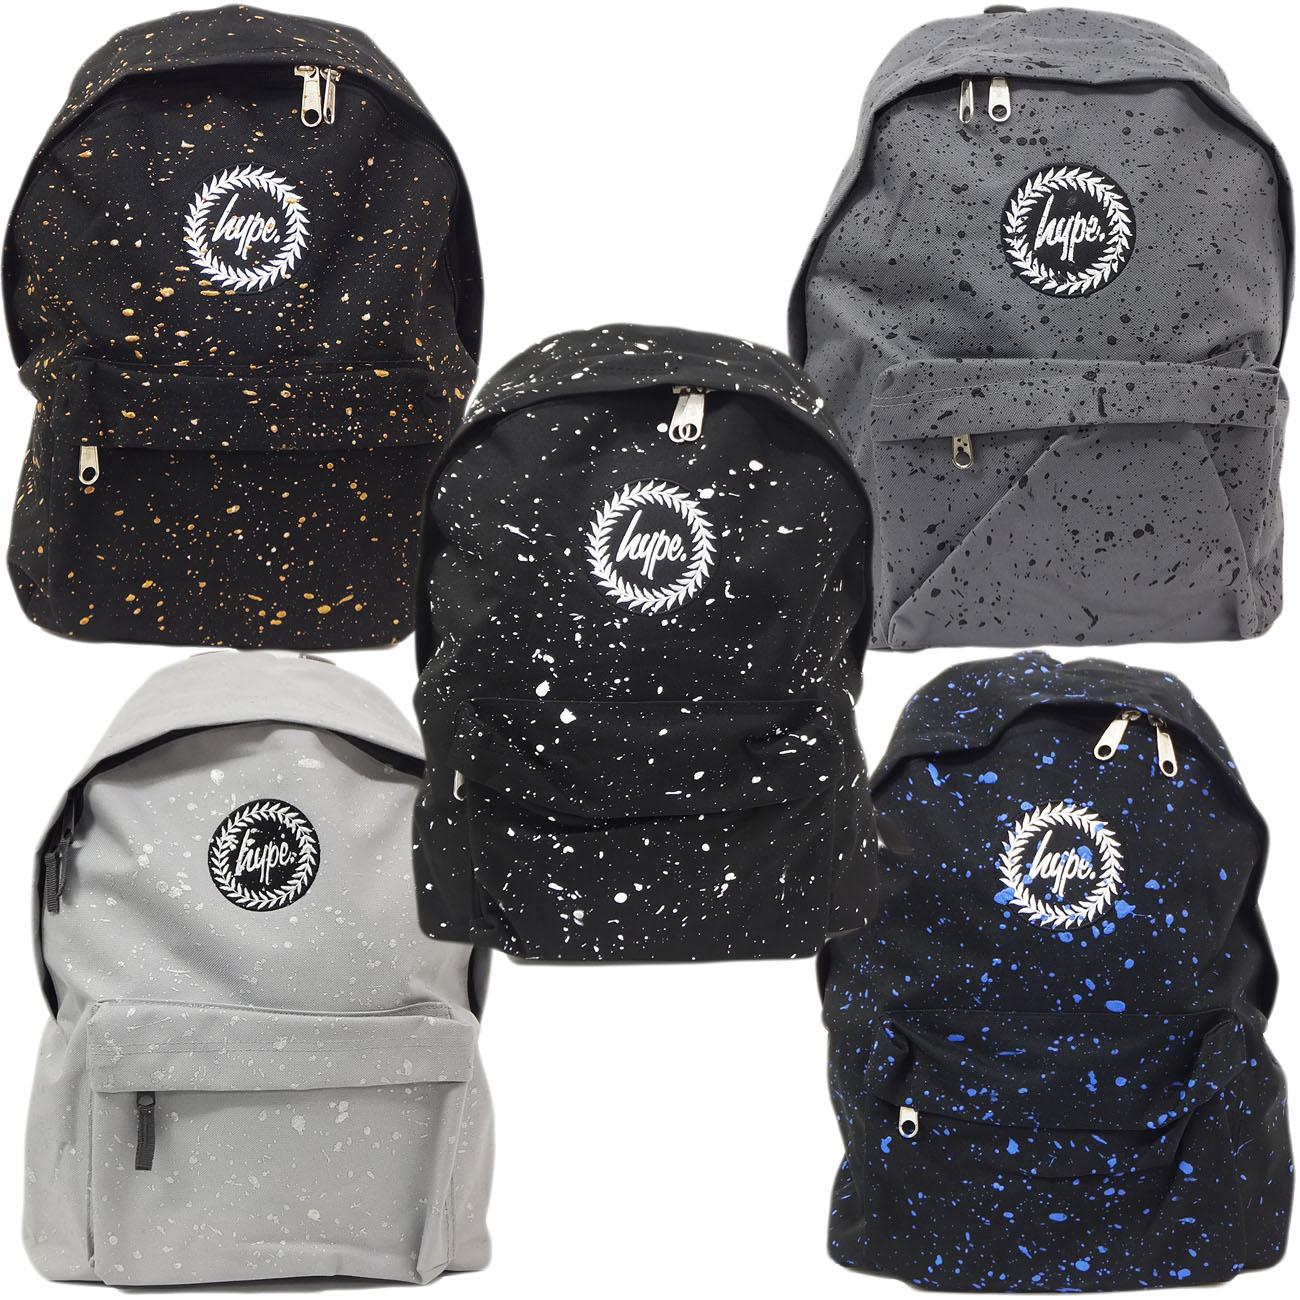 Just Hype Backpack Bag - Paint Splash Design